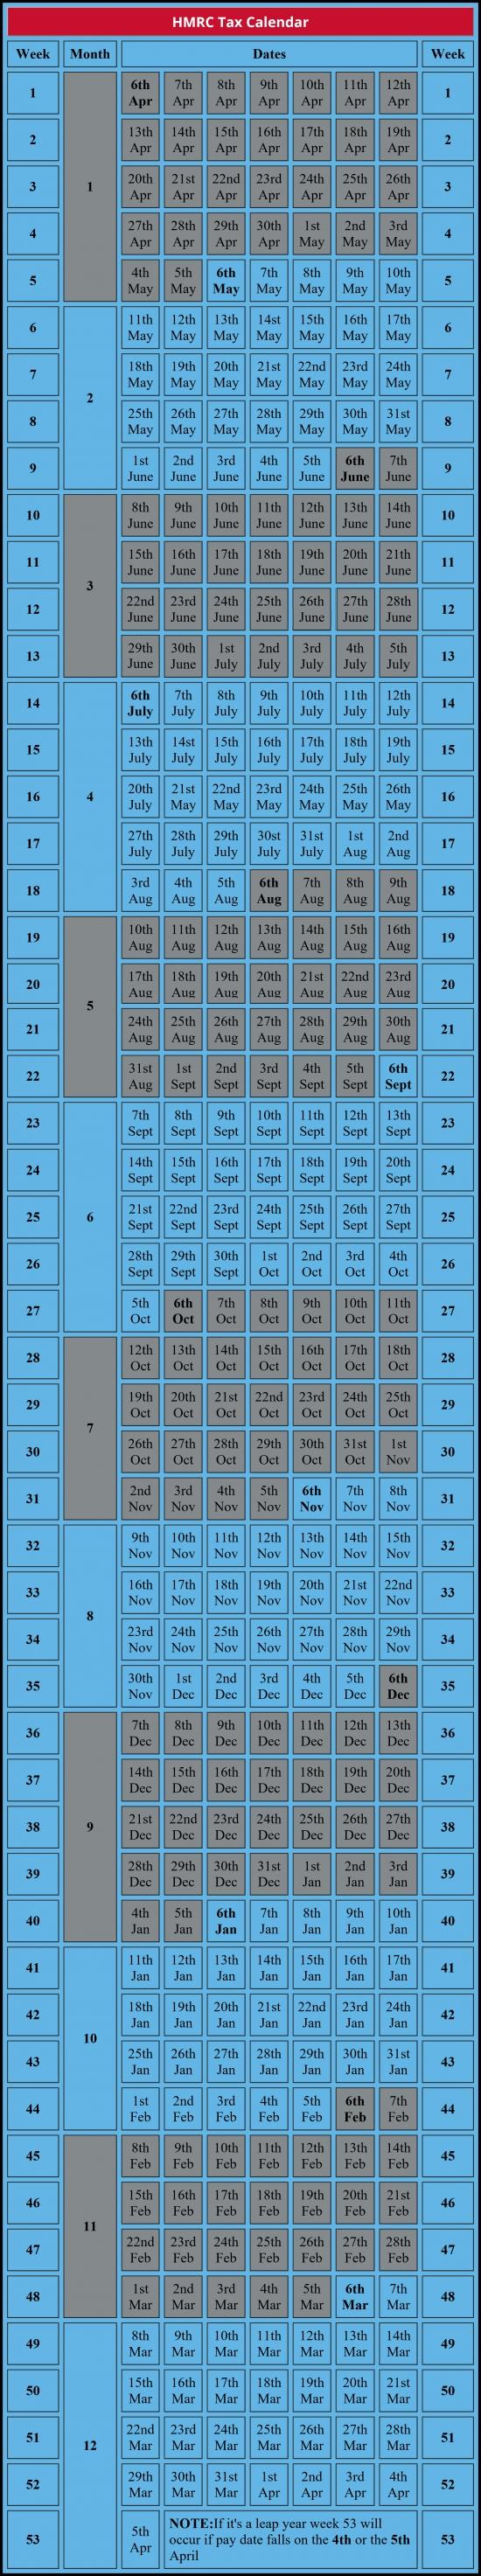 Pay Dates And The Hmrc Tax Calandar - Iris throughout Hmrc Tax Calendar 2019/2020